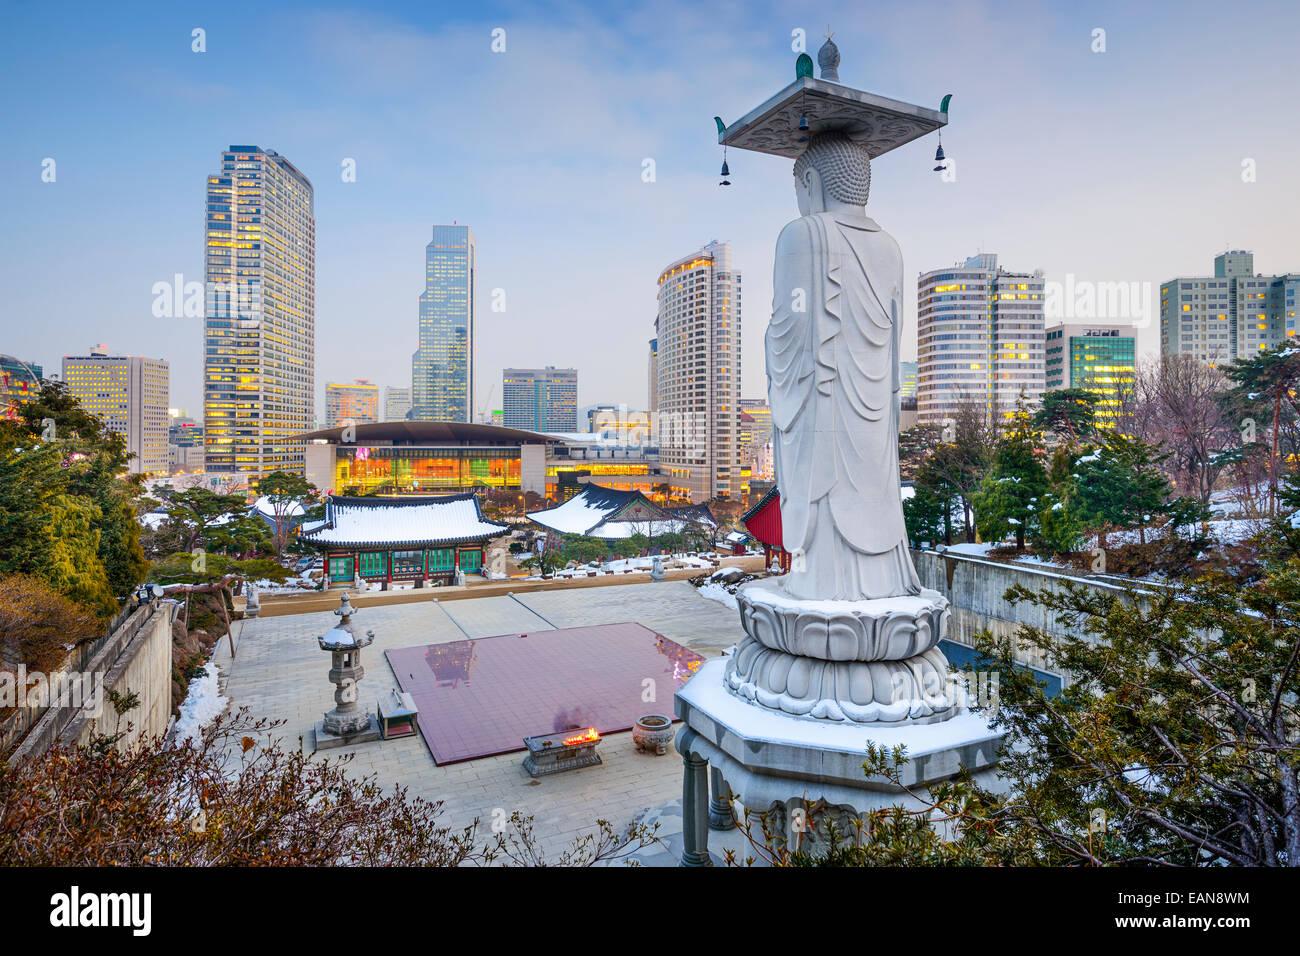 Séoul, Corée du paysage urbain au quartier de Gangnam, vu du Temple de Bongeunsa. Photo Stock